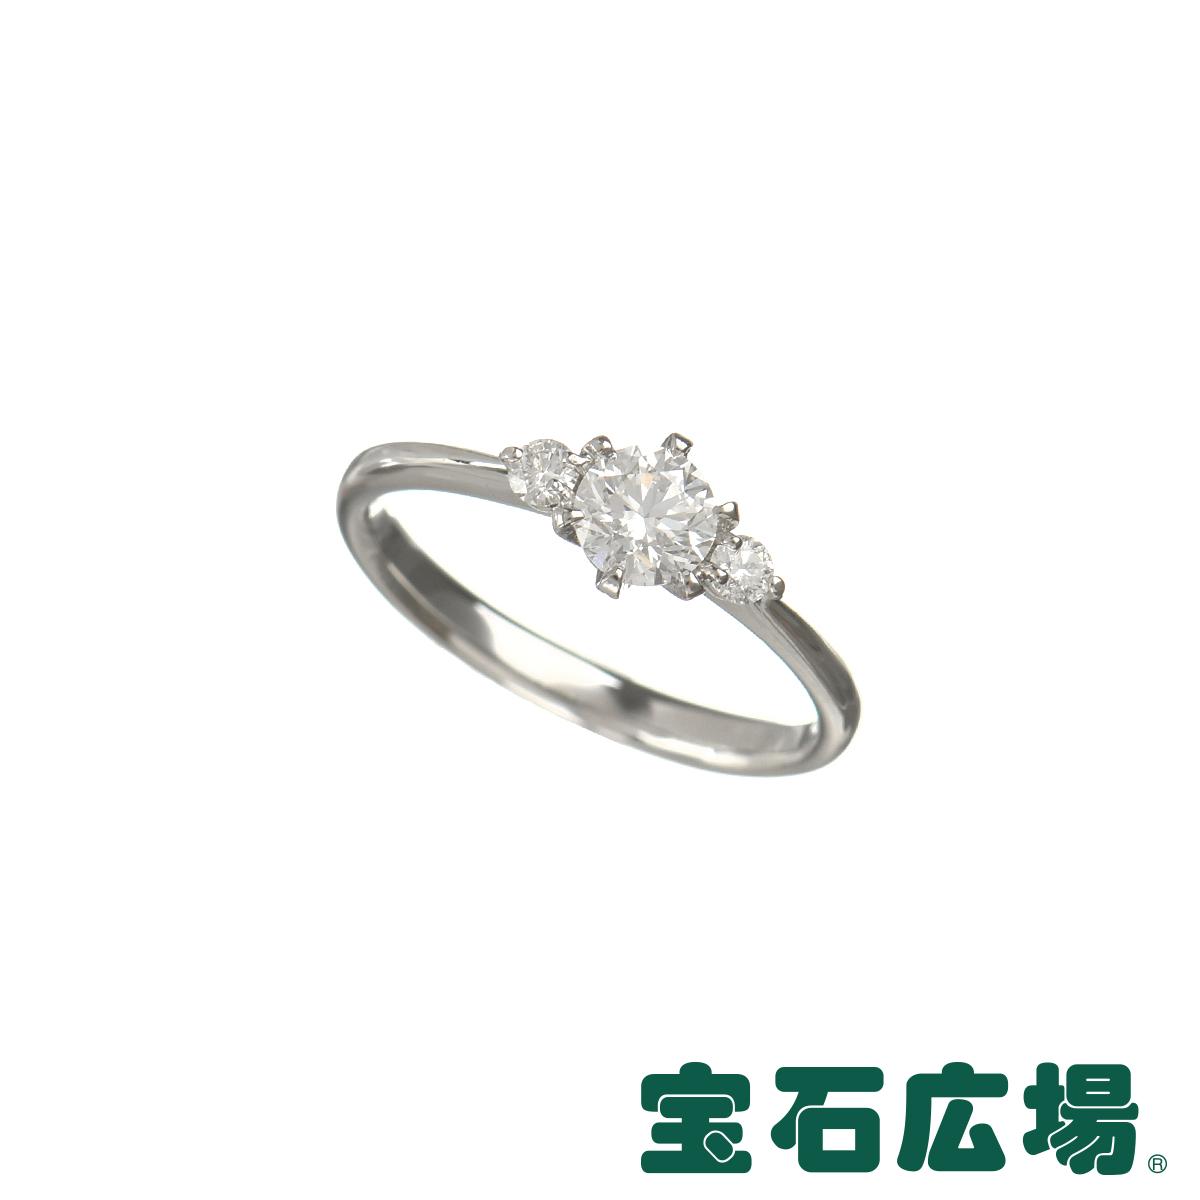 ノーブランド 1Pダイヤ・2Pダイヤ リング 【中古】 ジュエリー 送料・代引手数料無料